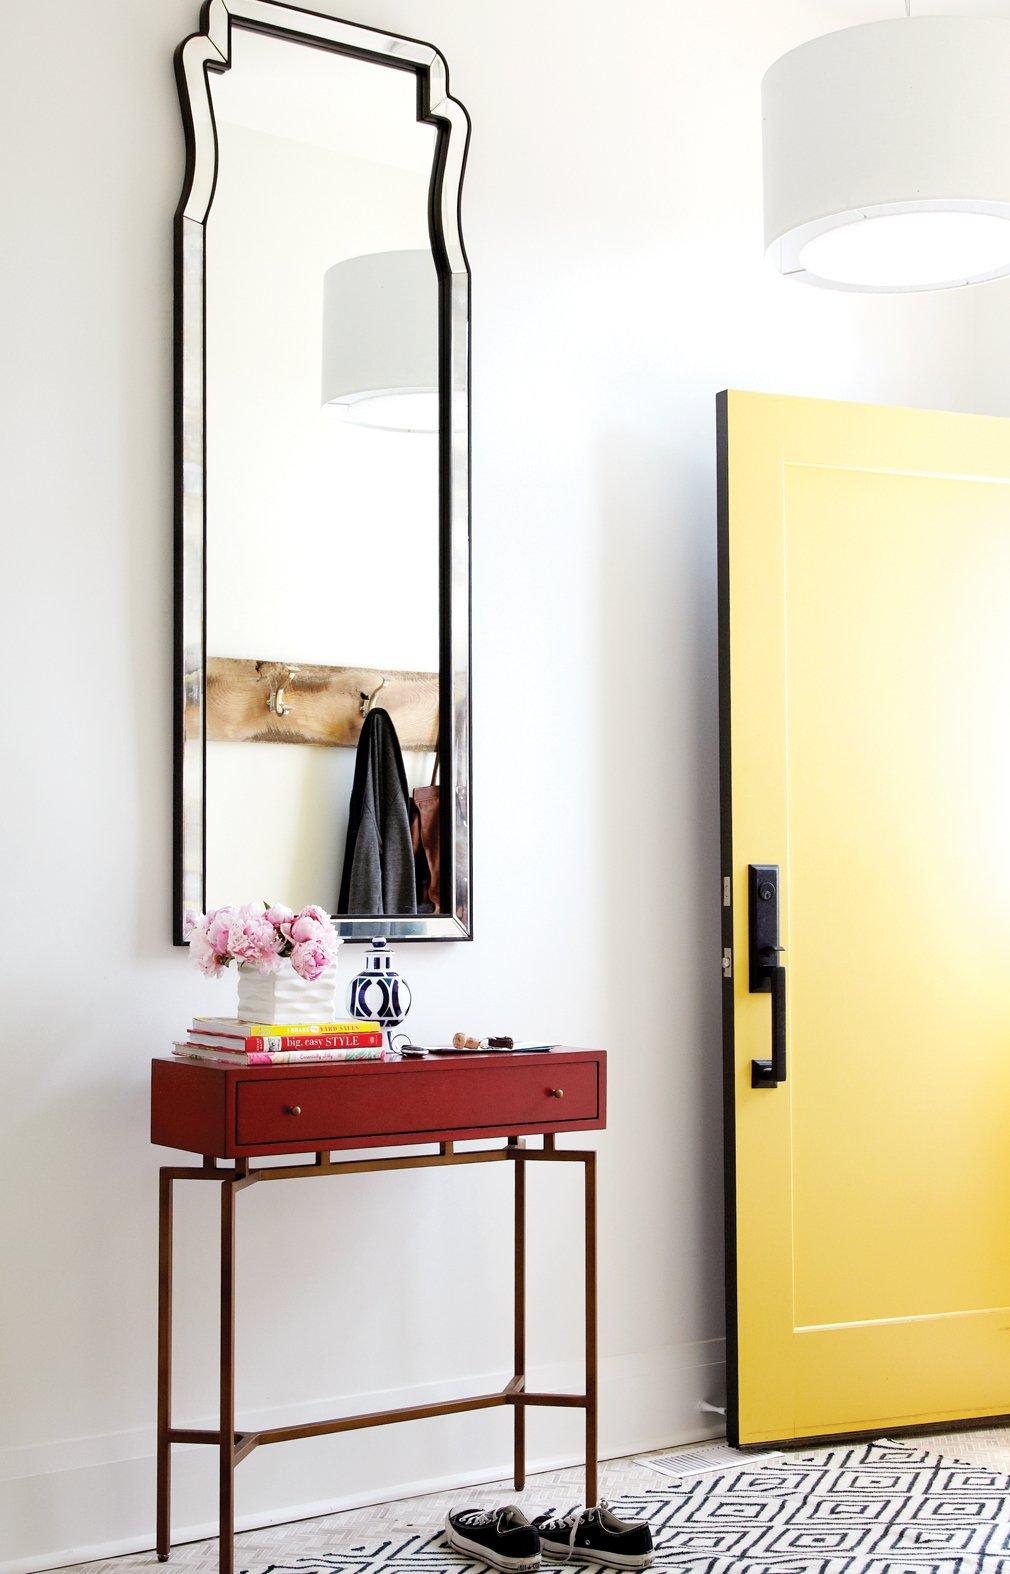 Hallway, tall mirror, small side table, yellow door